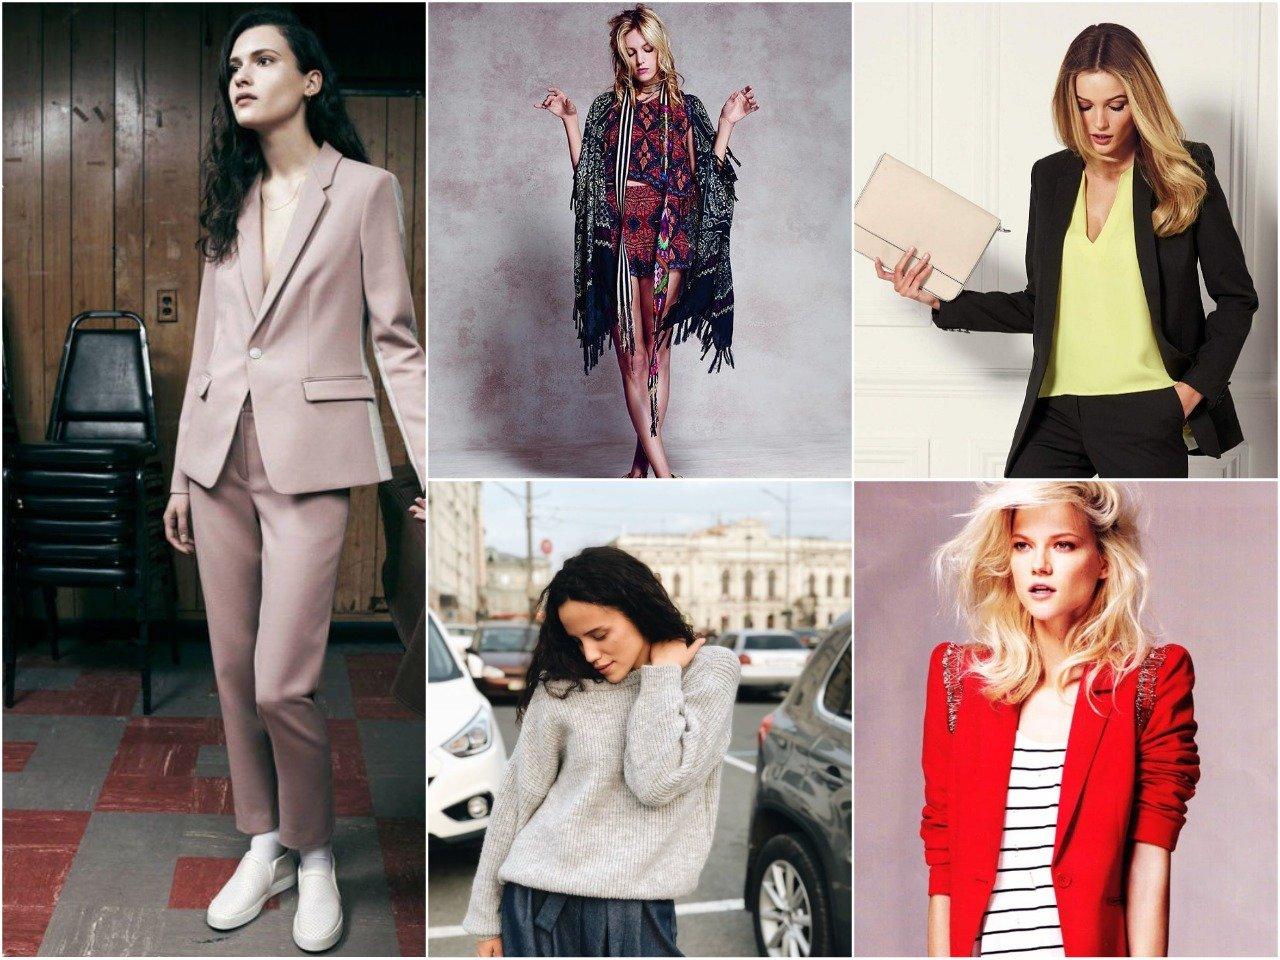 Страстная, нежная, закрытая: что о нас говорит одежда